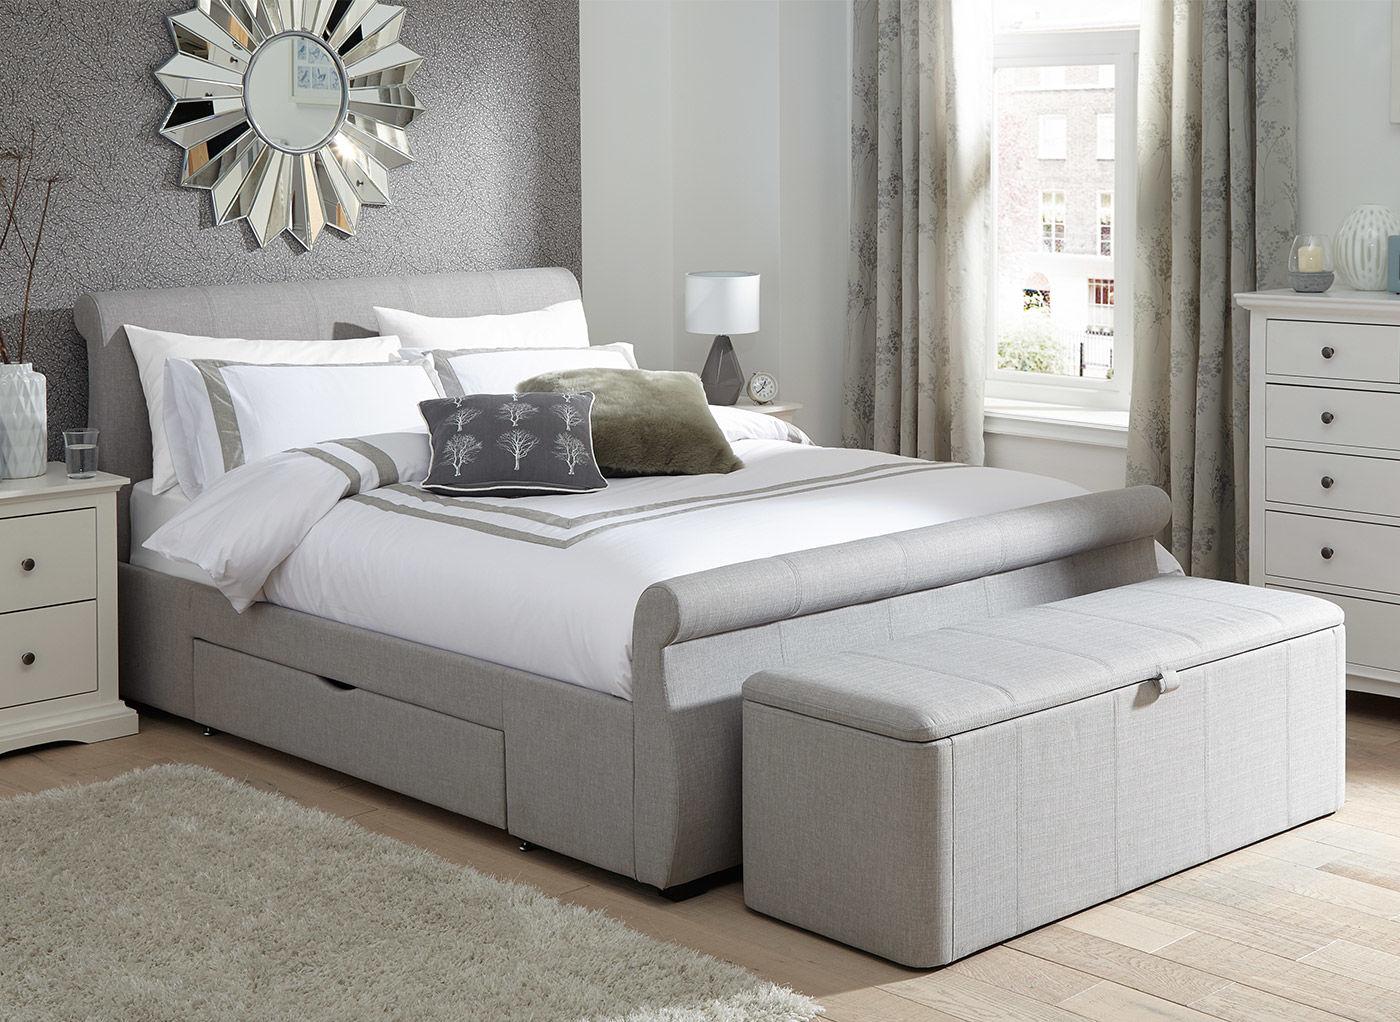 غرف نوم حديثه احدث تصميمات لغرف النوم المودرن كلام حب